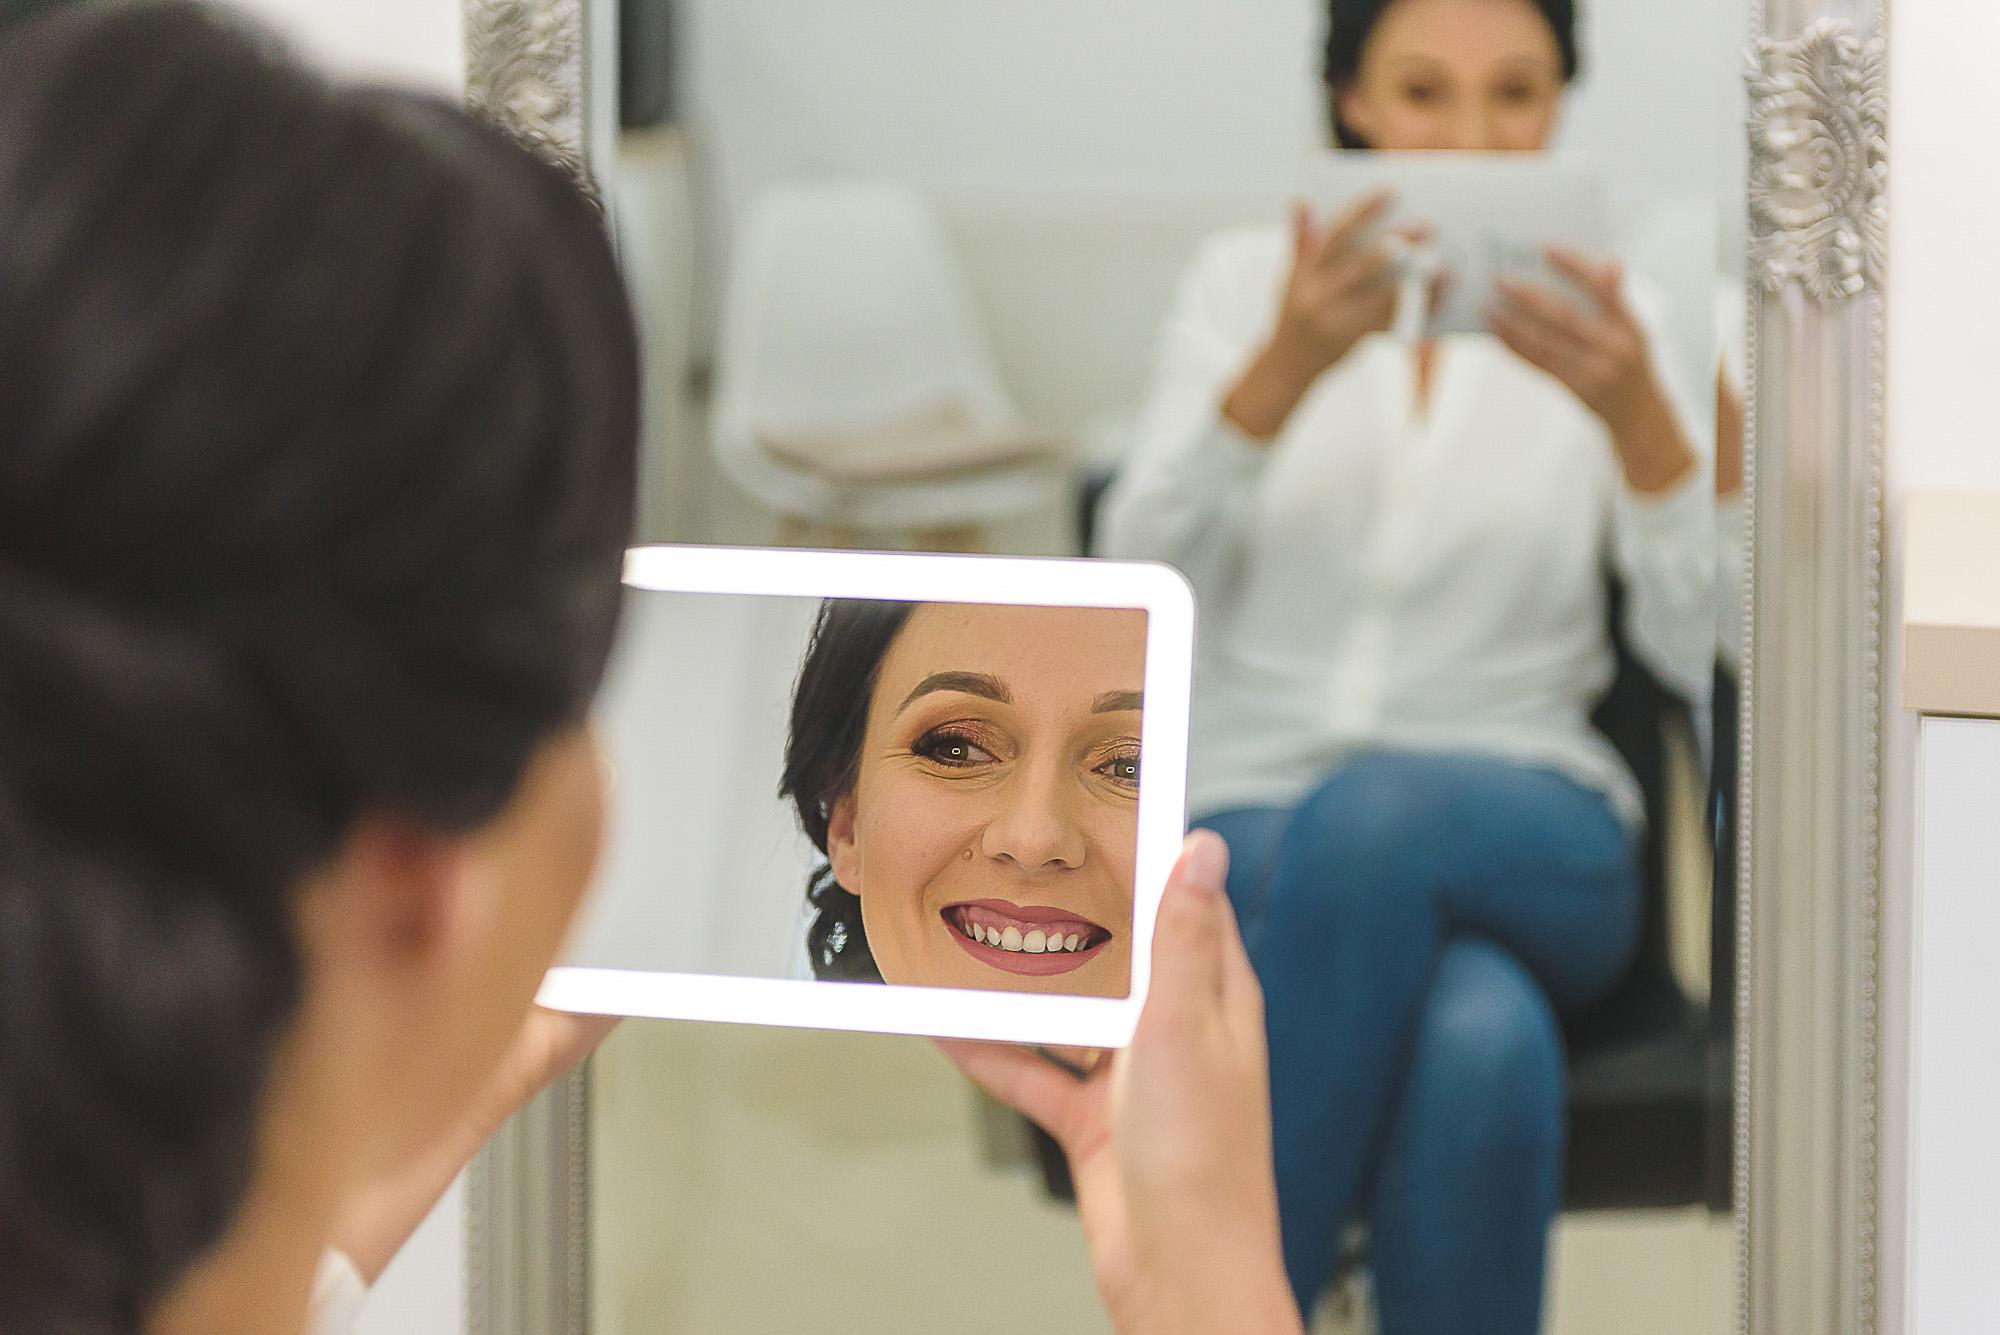 fotografie nunta. miresa la coafora. portret mireasa in oglinda.